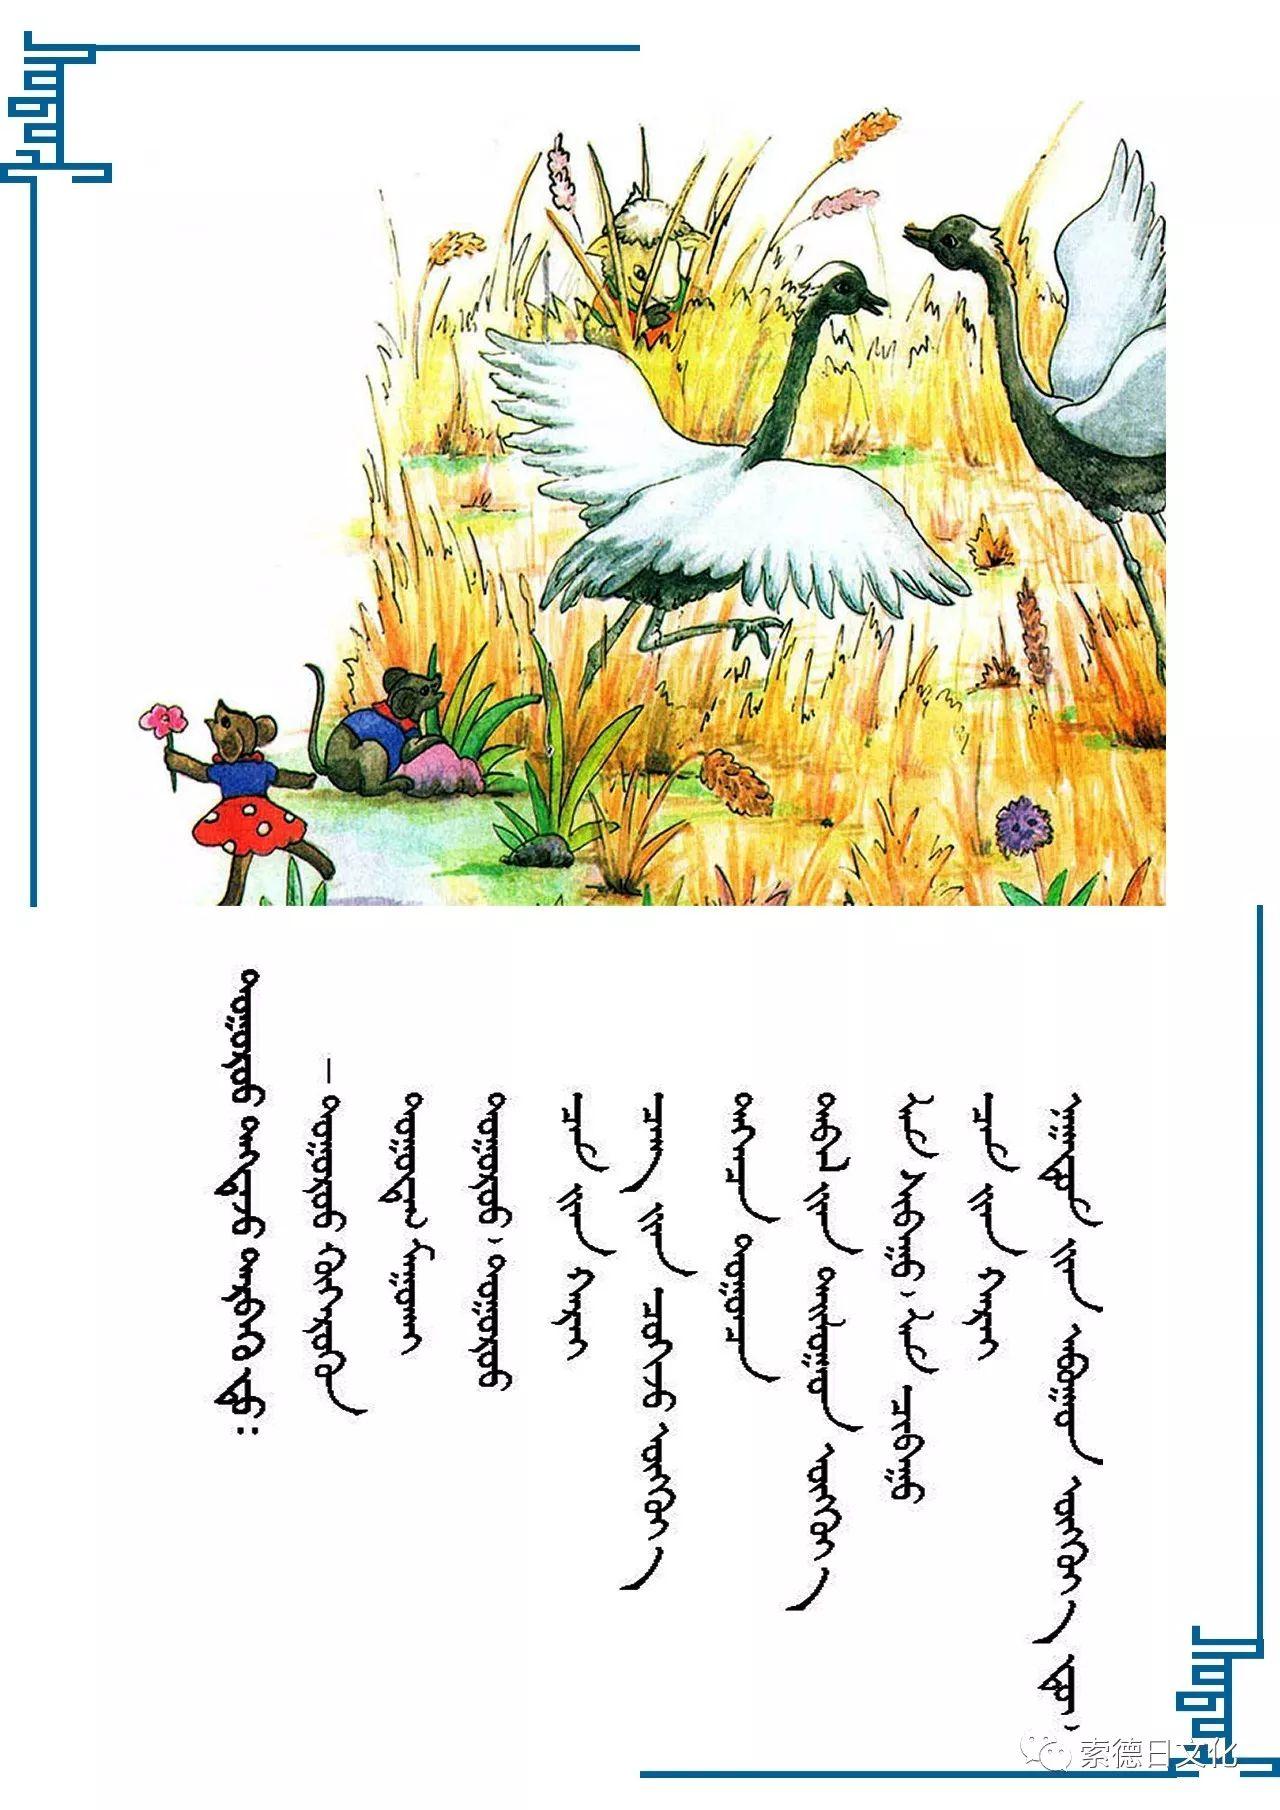 蒙古欢悦词 — 插图版 第6张 蒙古欢悦词 — 插图版 蒙古文库